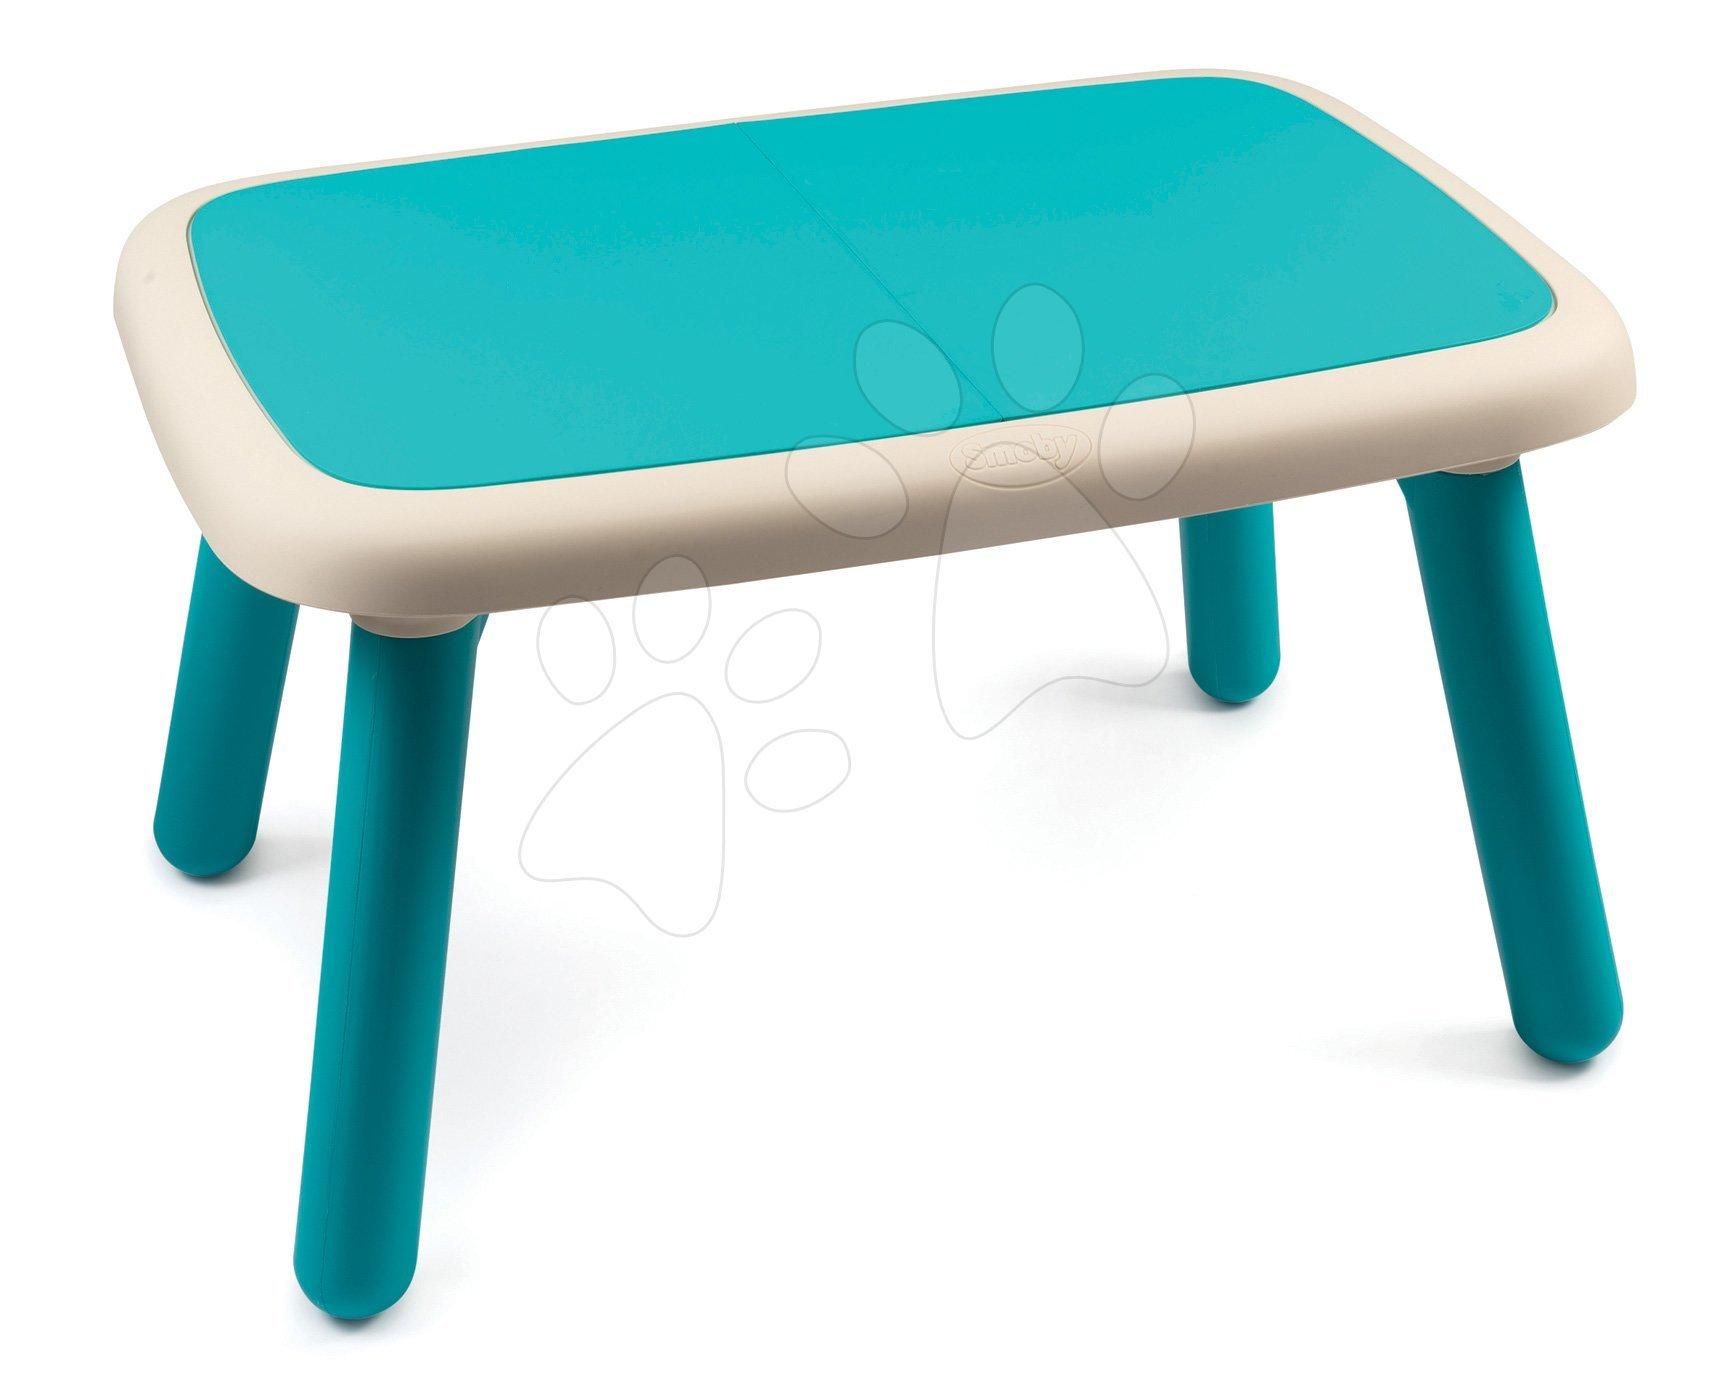 Asztalka gyerekeknek KidTable Smoby kék UV védelemmel 18 hó-tól